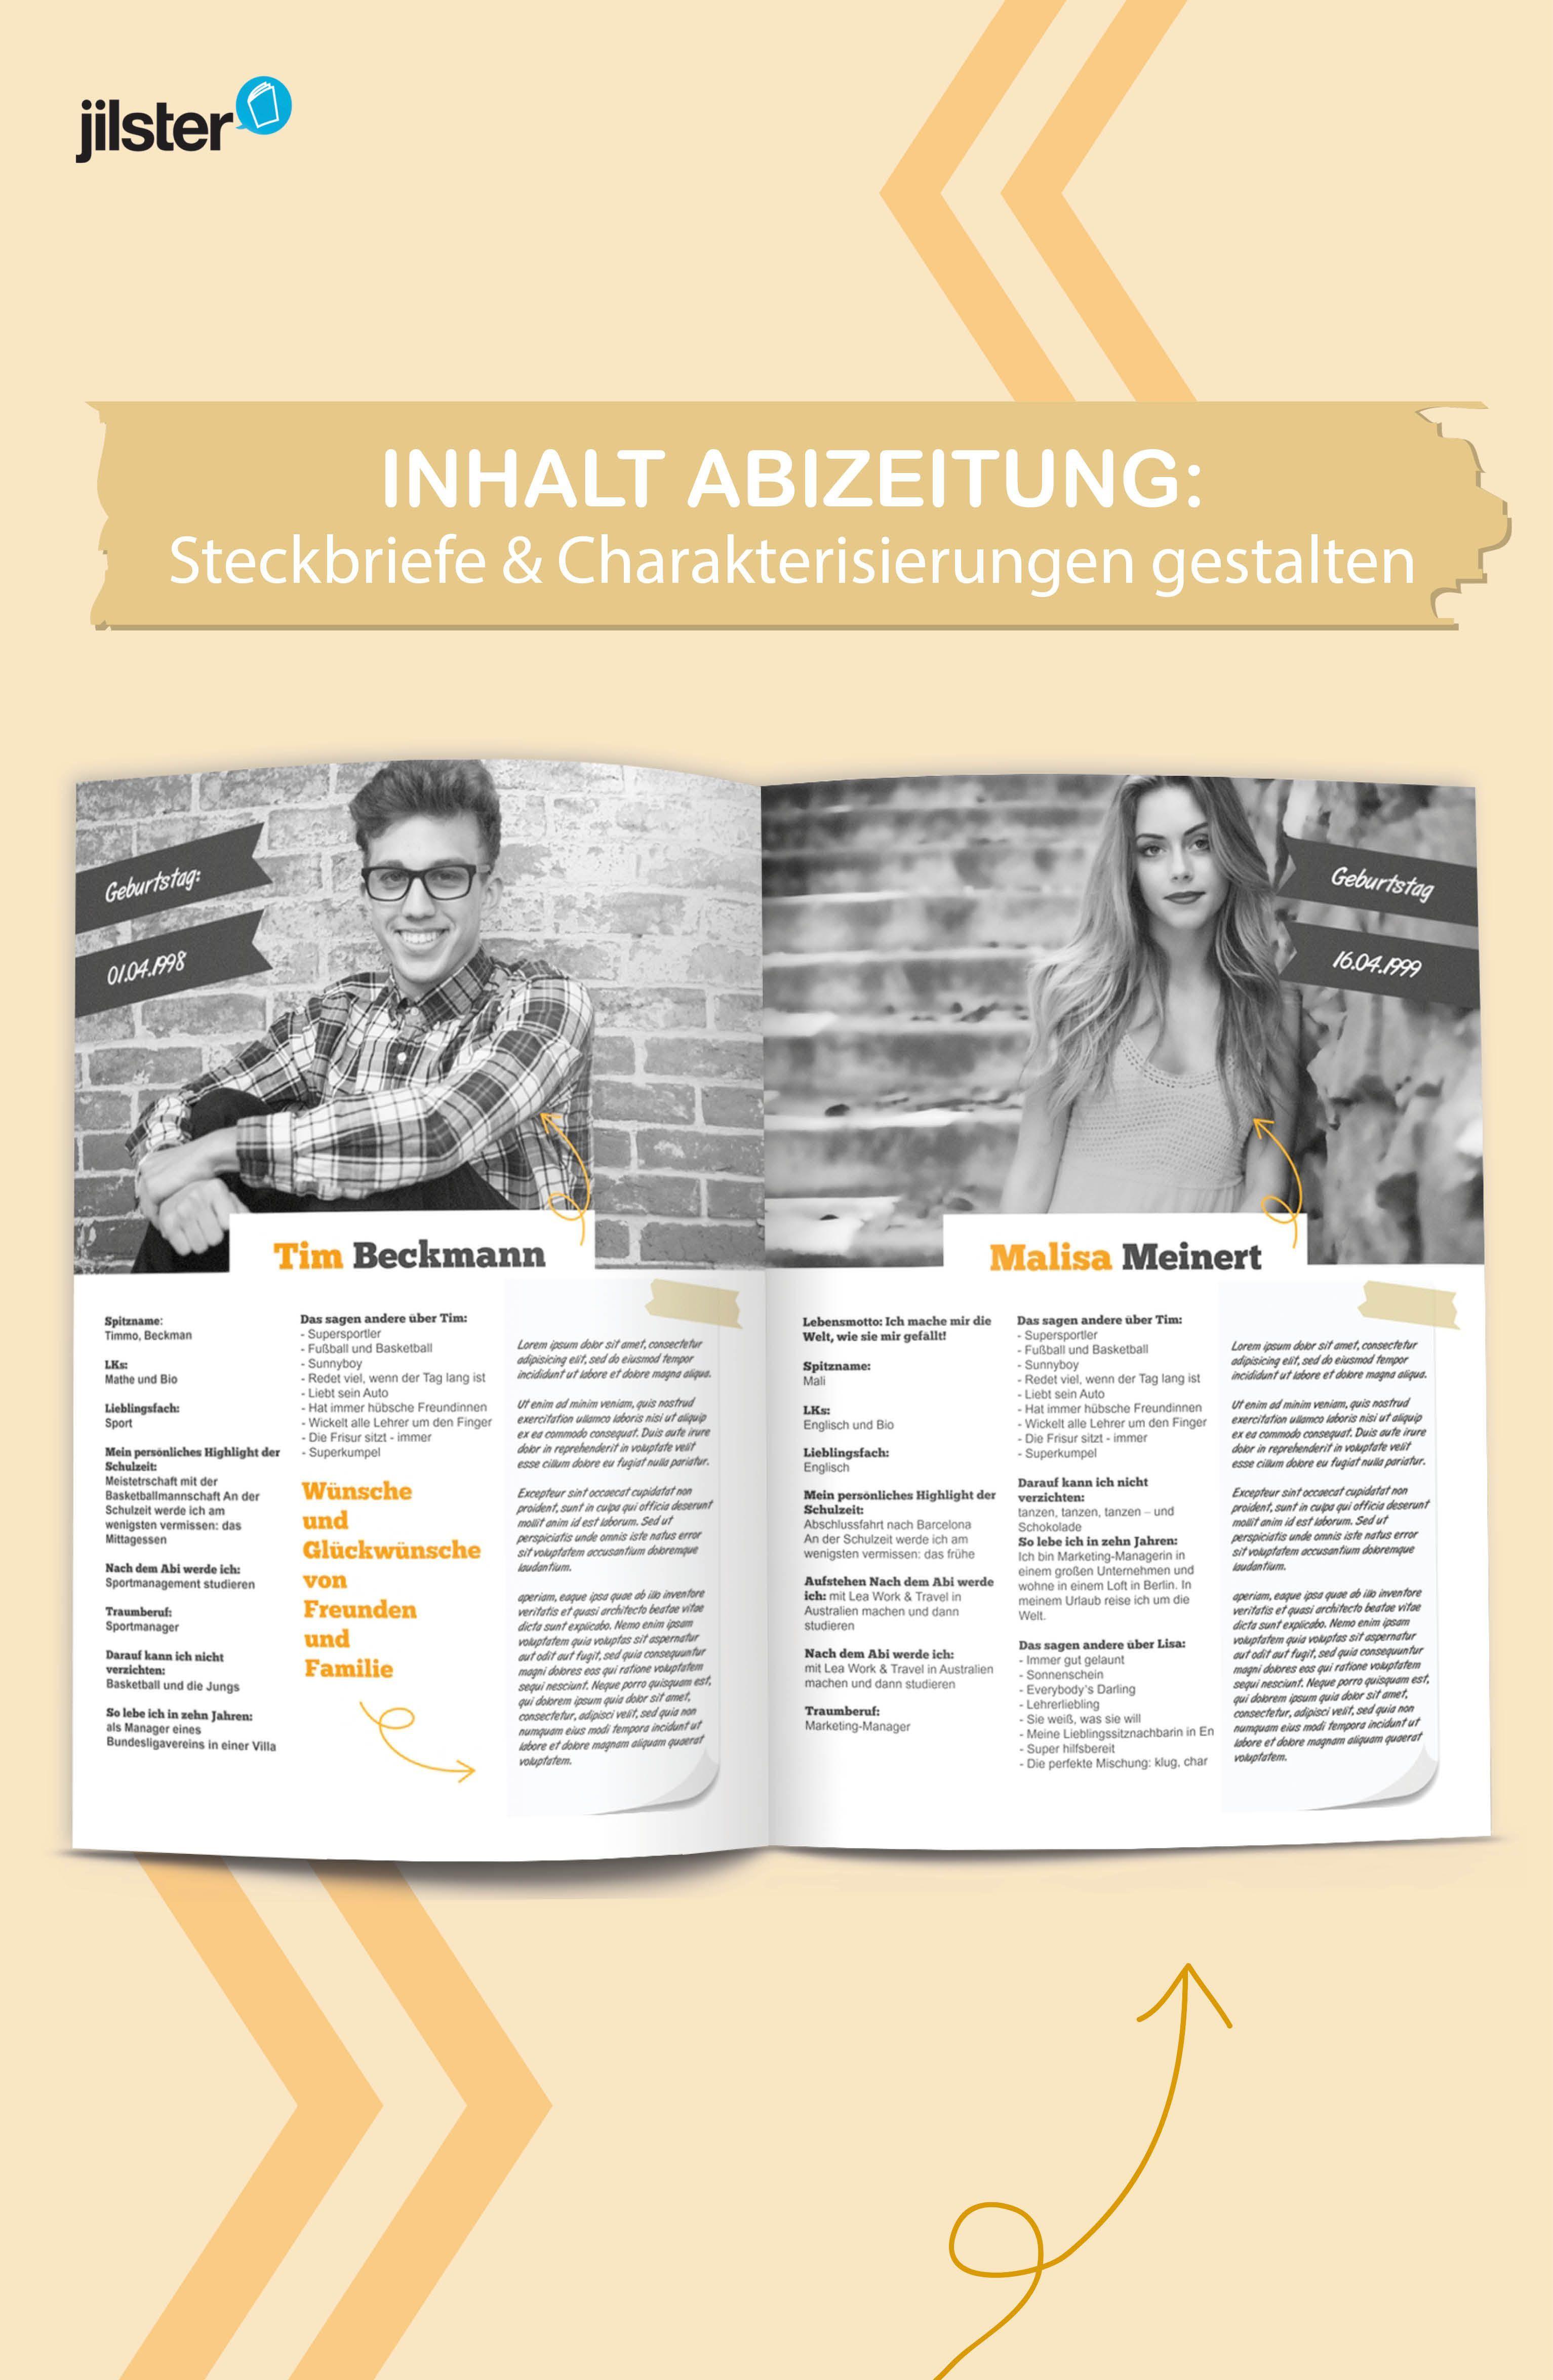 Abizeitung Steckbriefe Gestalten Jilster